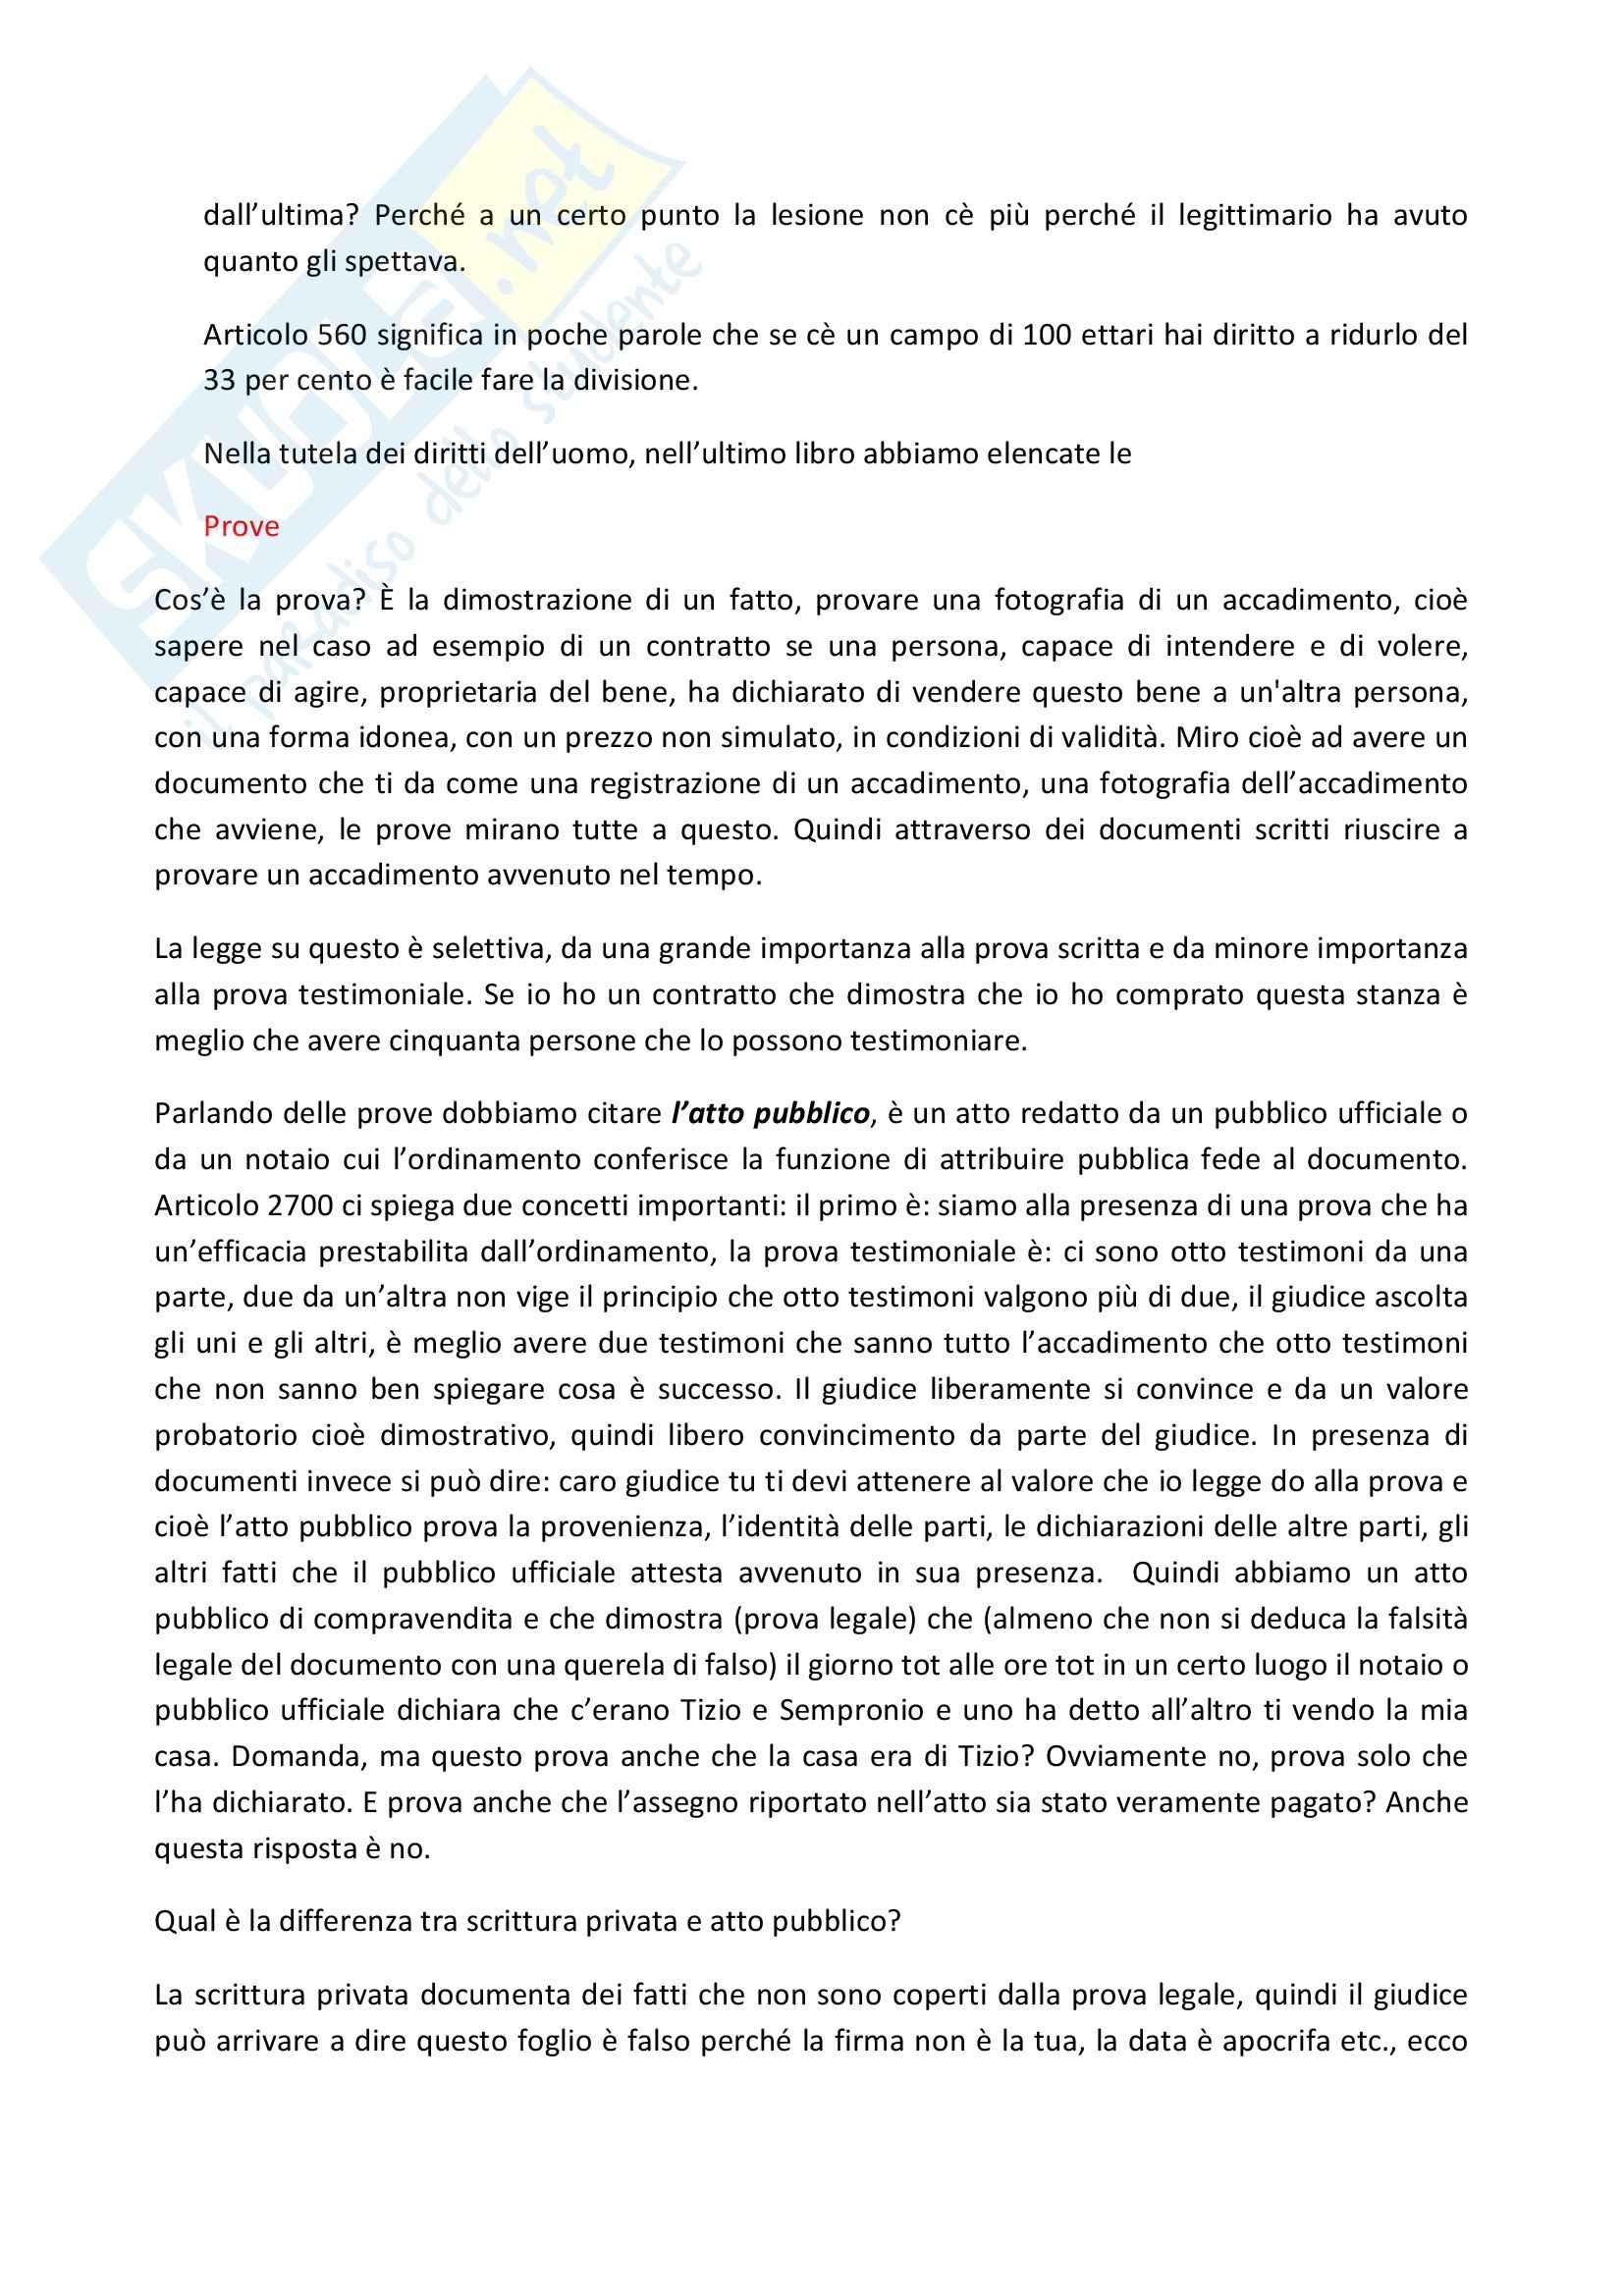 Diritto privato - Appunti Pag. 76